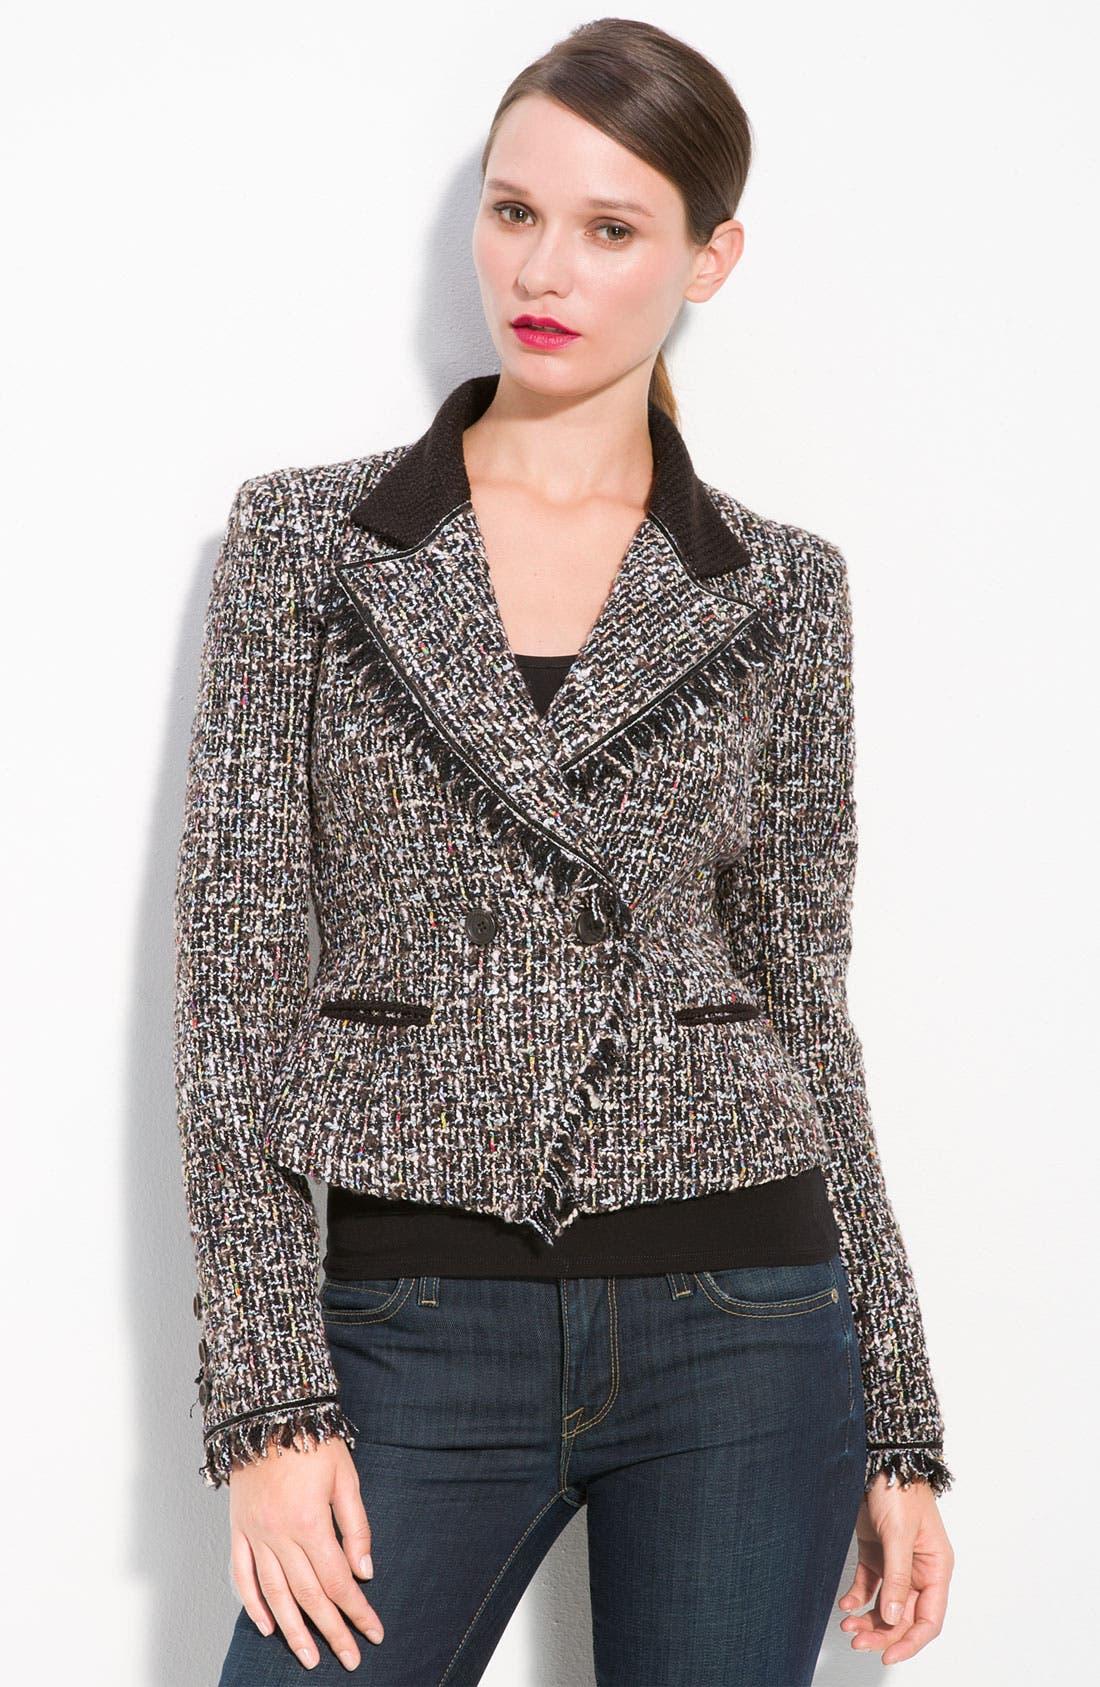 Alternate Image 1 Selected - Mcginn Tweed Jacket (Nordstrom Exclusive)